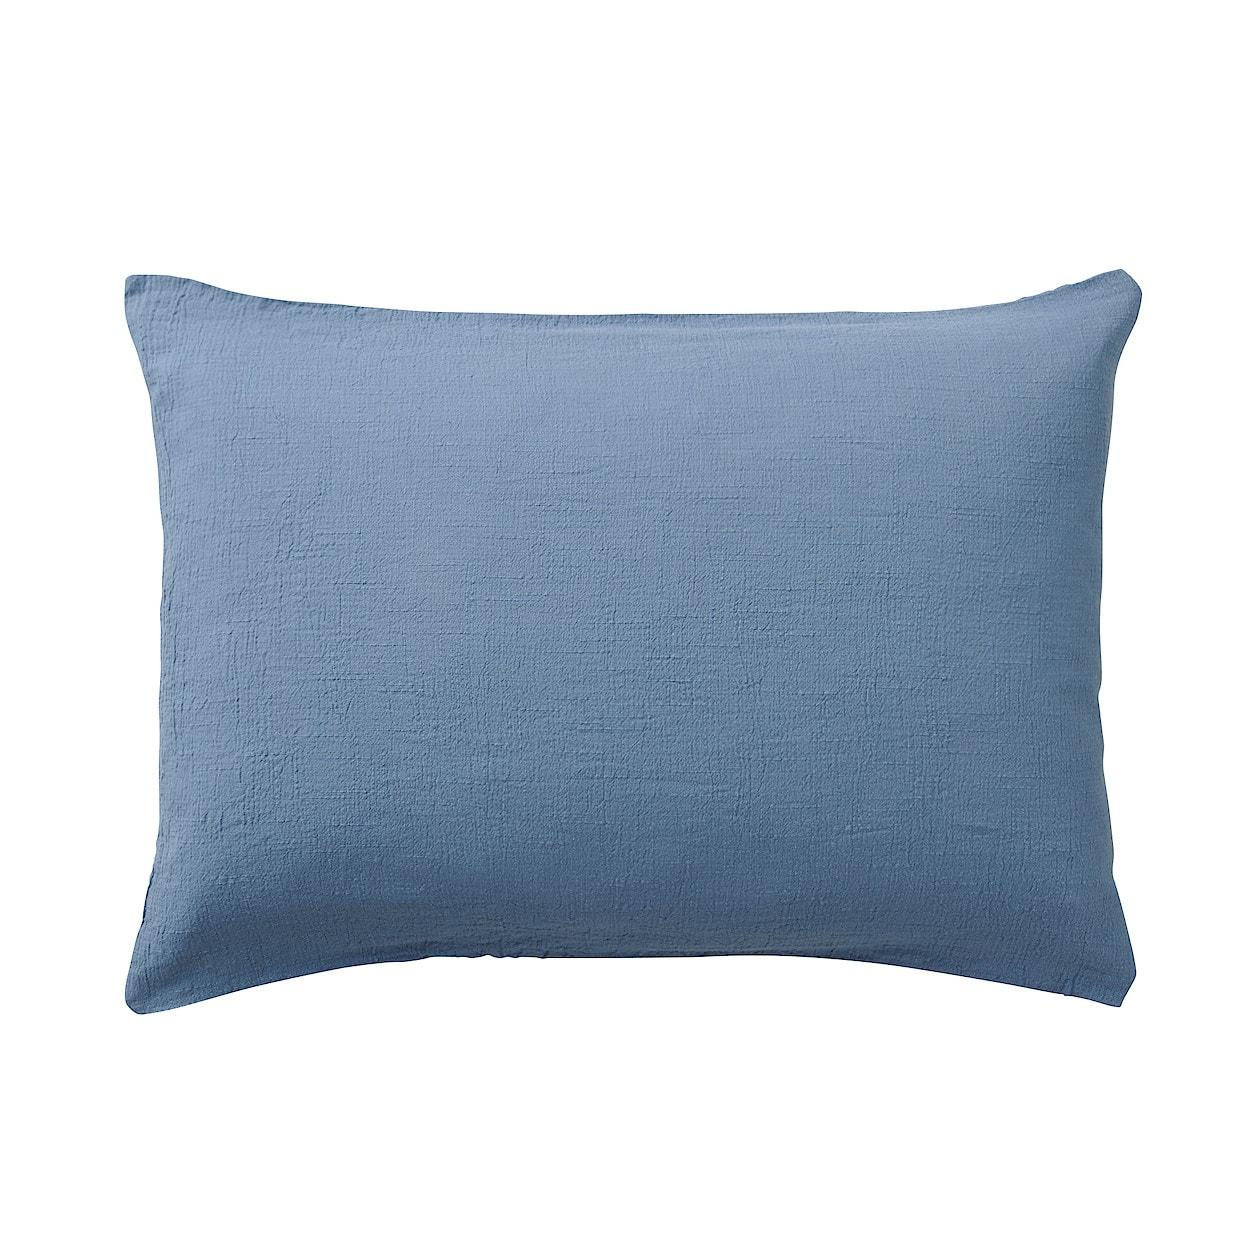 綿強撚クレープ織まくらカバー